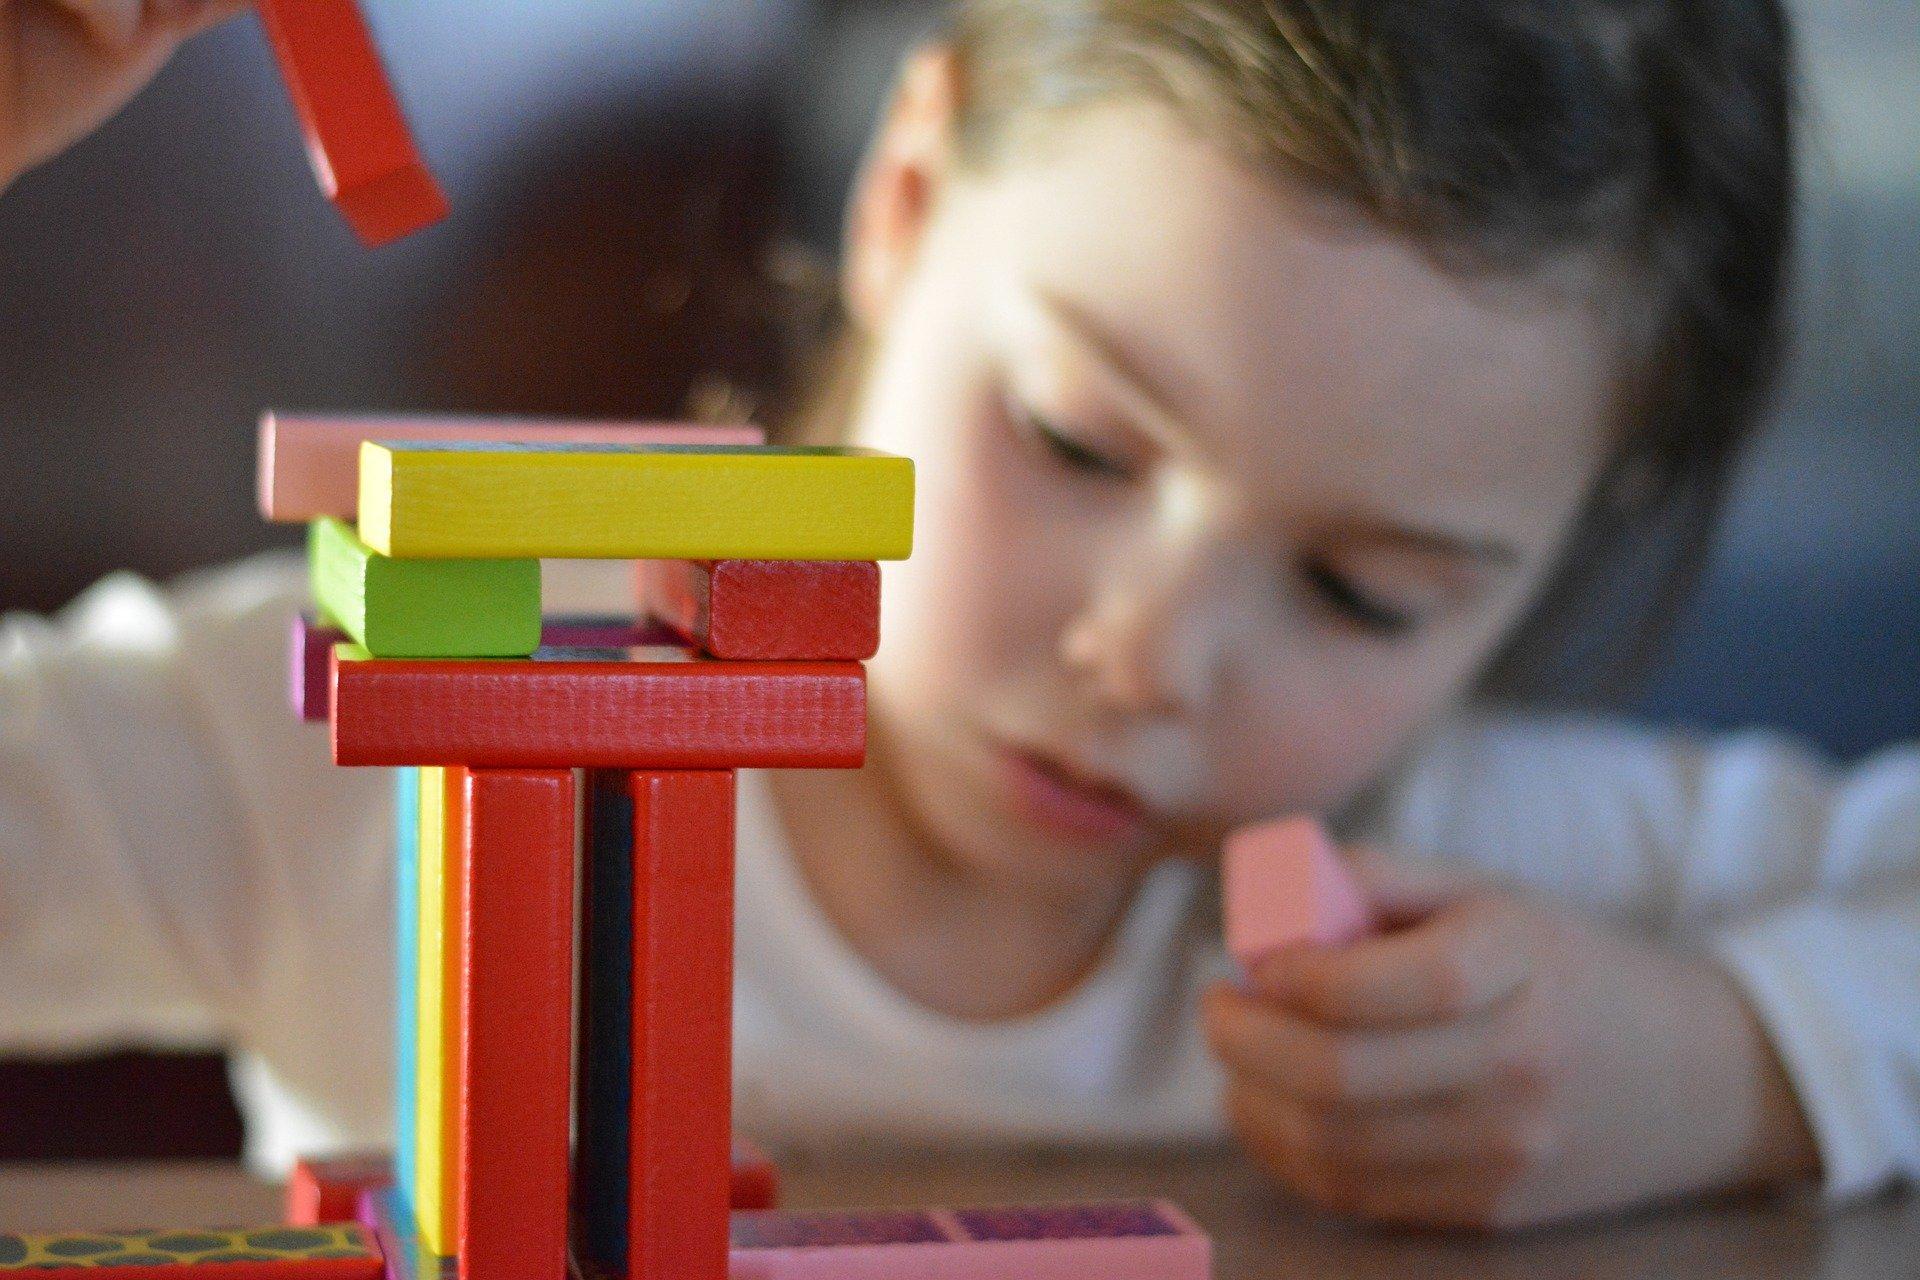 Dziecko bawiące się kolorowymi klockami